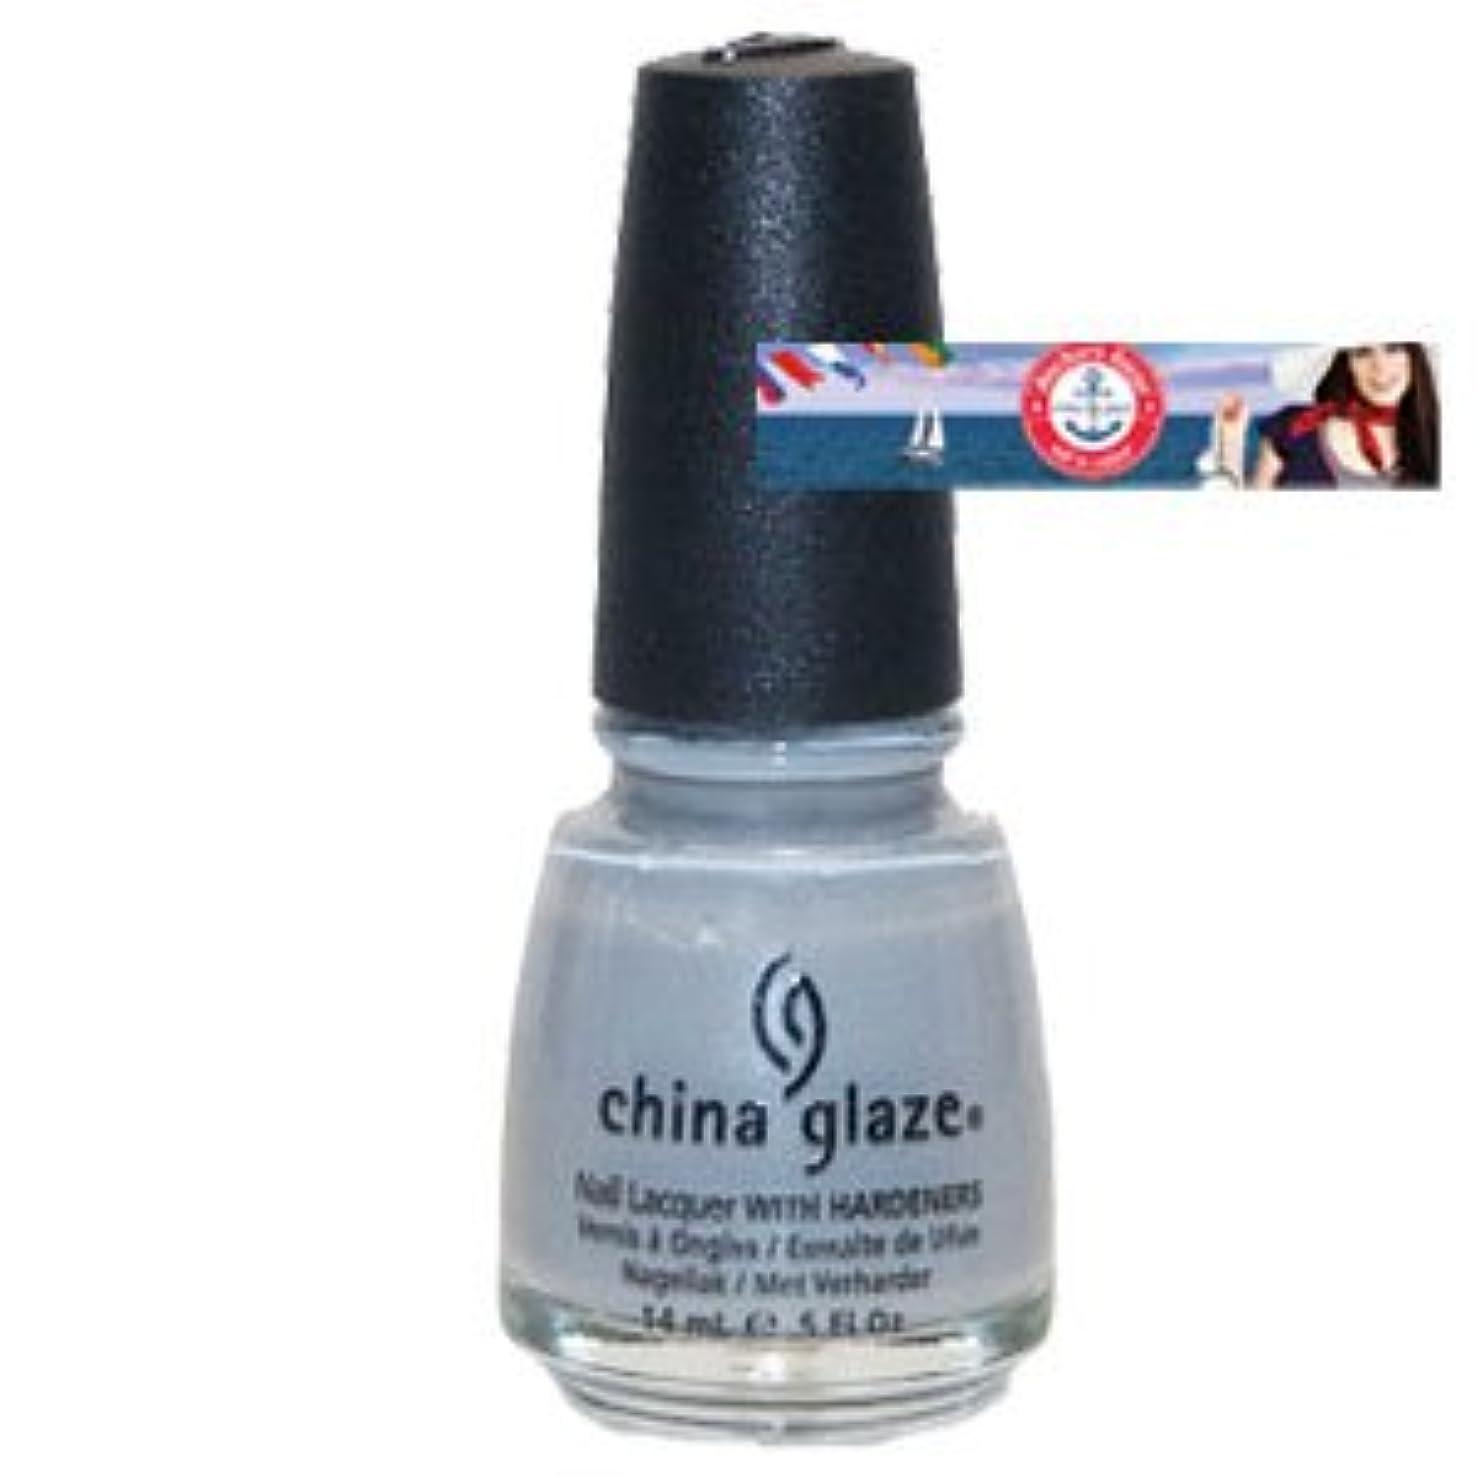 ジレンマ助けて一般的に(チャイナグレイズ)China Glaze Anchors Away Collection?Pelican Gray [海外直送品][並行輸入品]